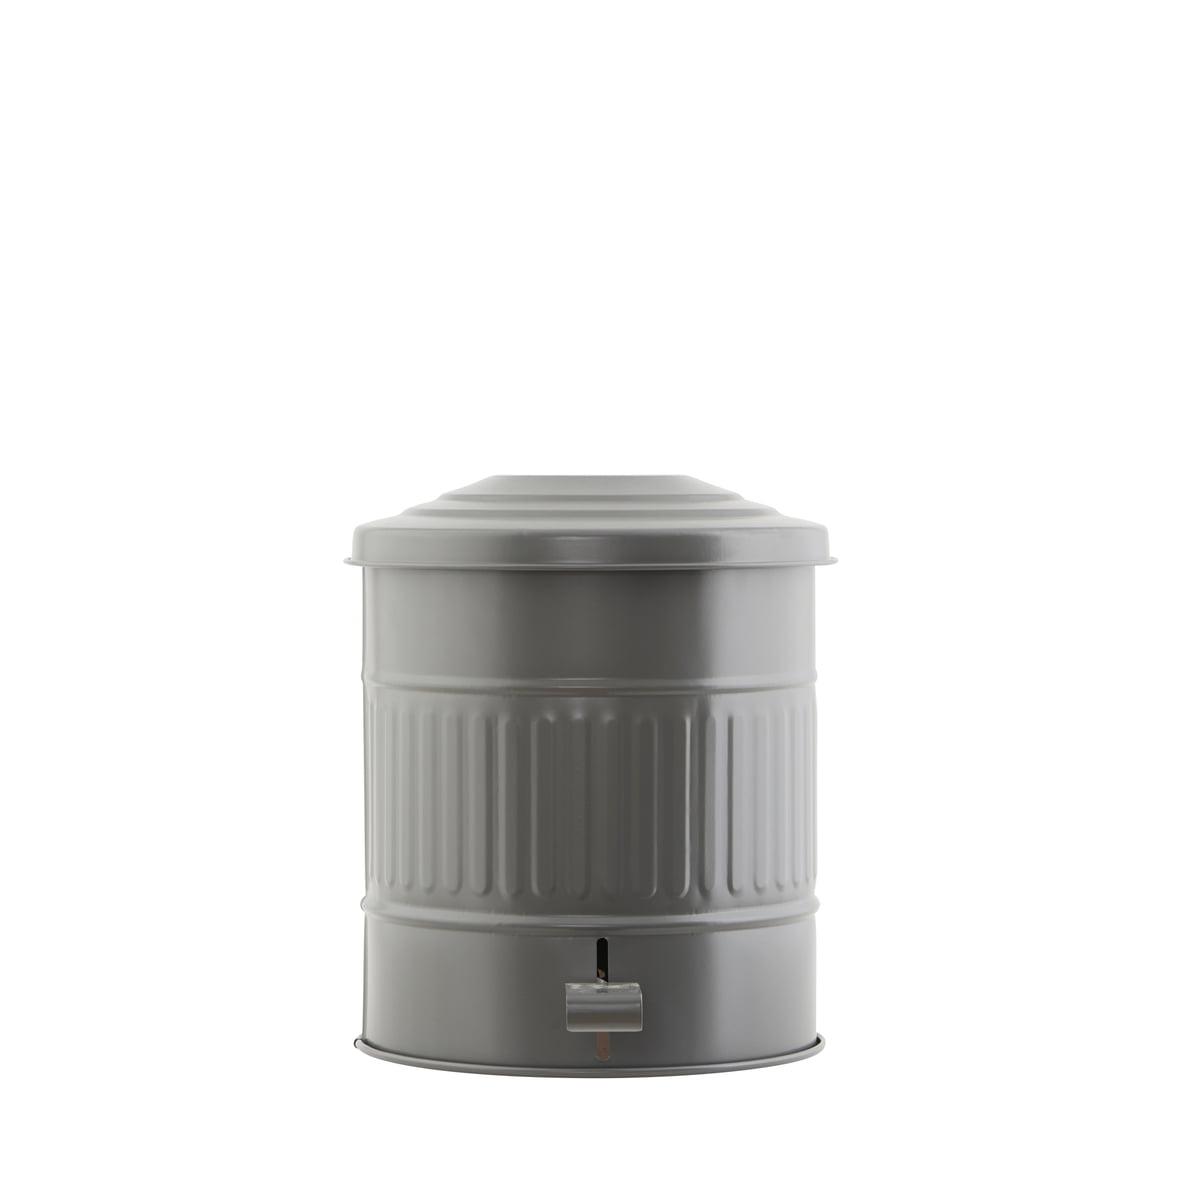 House Doctor - Mülleimer matt 15 l, armygrün | Küche und Esszimmer > Küchen-Zubehör > Mülleimer | House Doctor